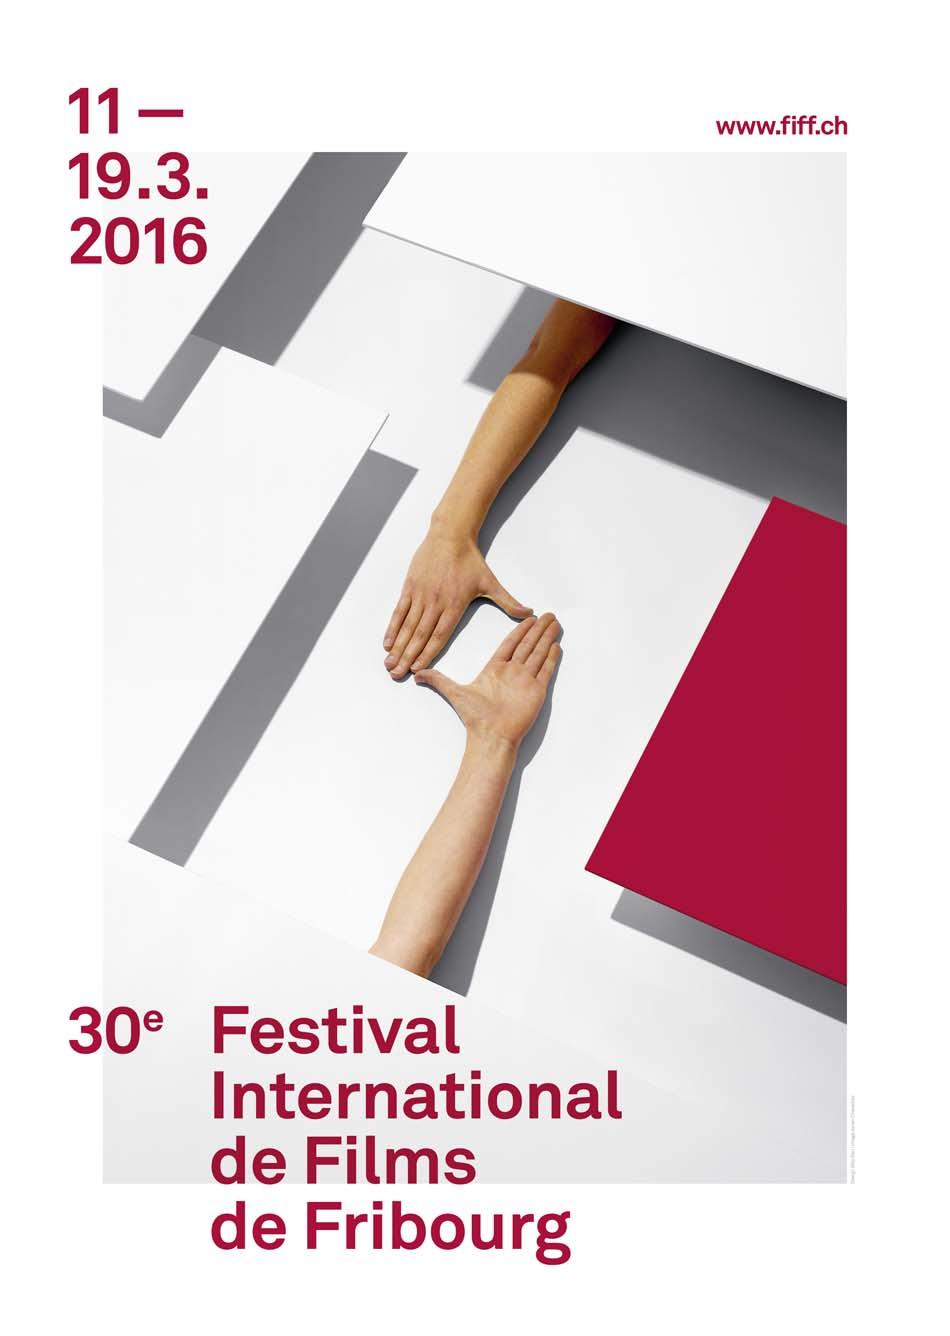 Le FIFF 2016